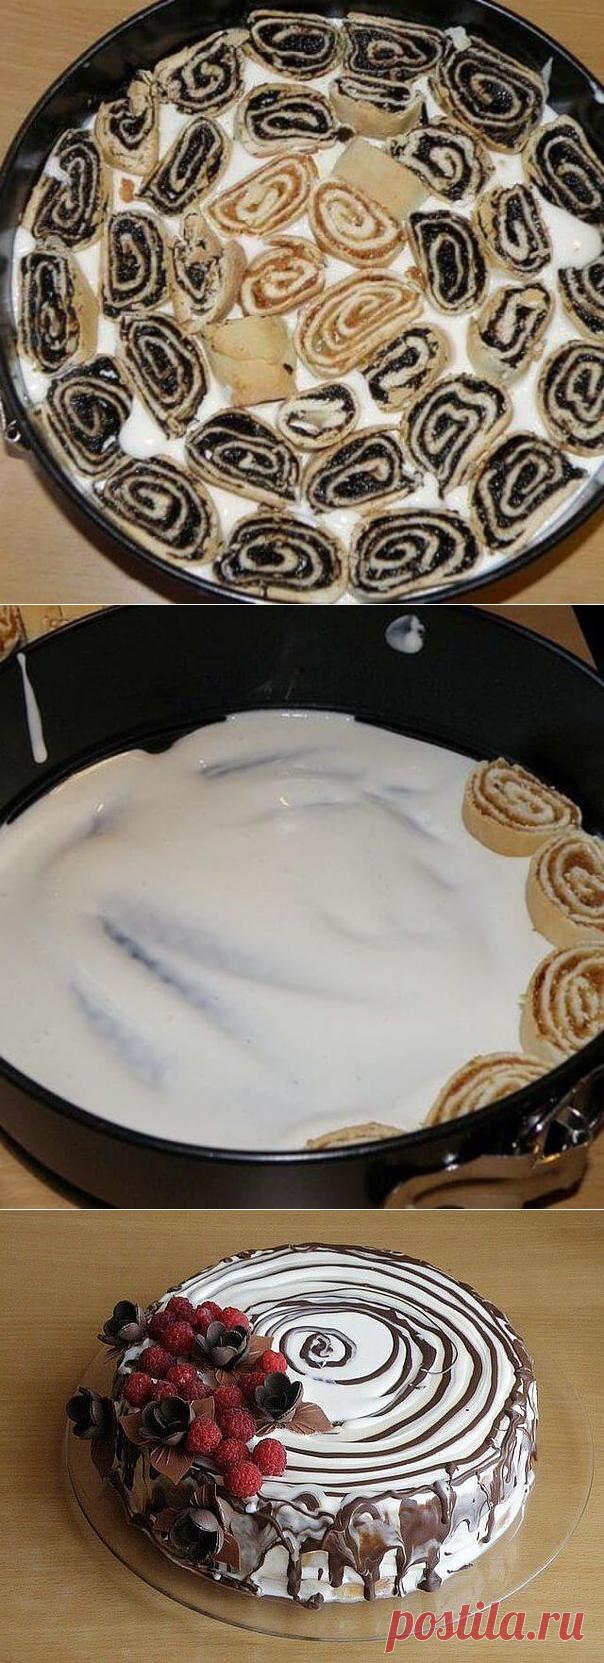 Торт «Трухлявый пень» — необыкновенно вкусный — Бабушкины секреты